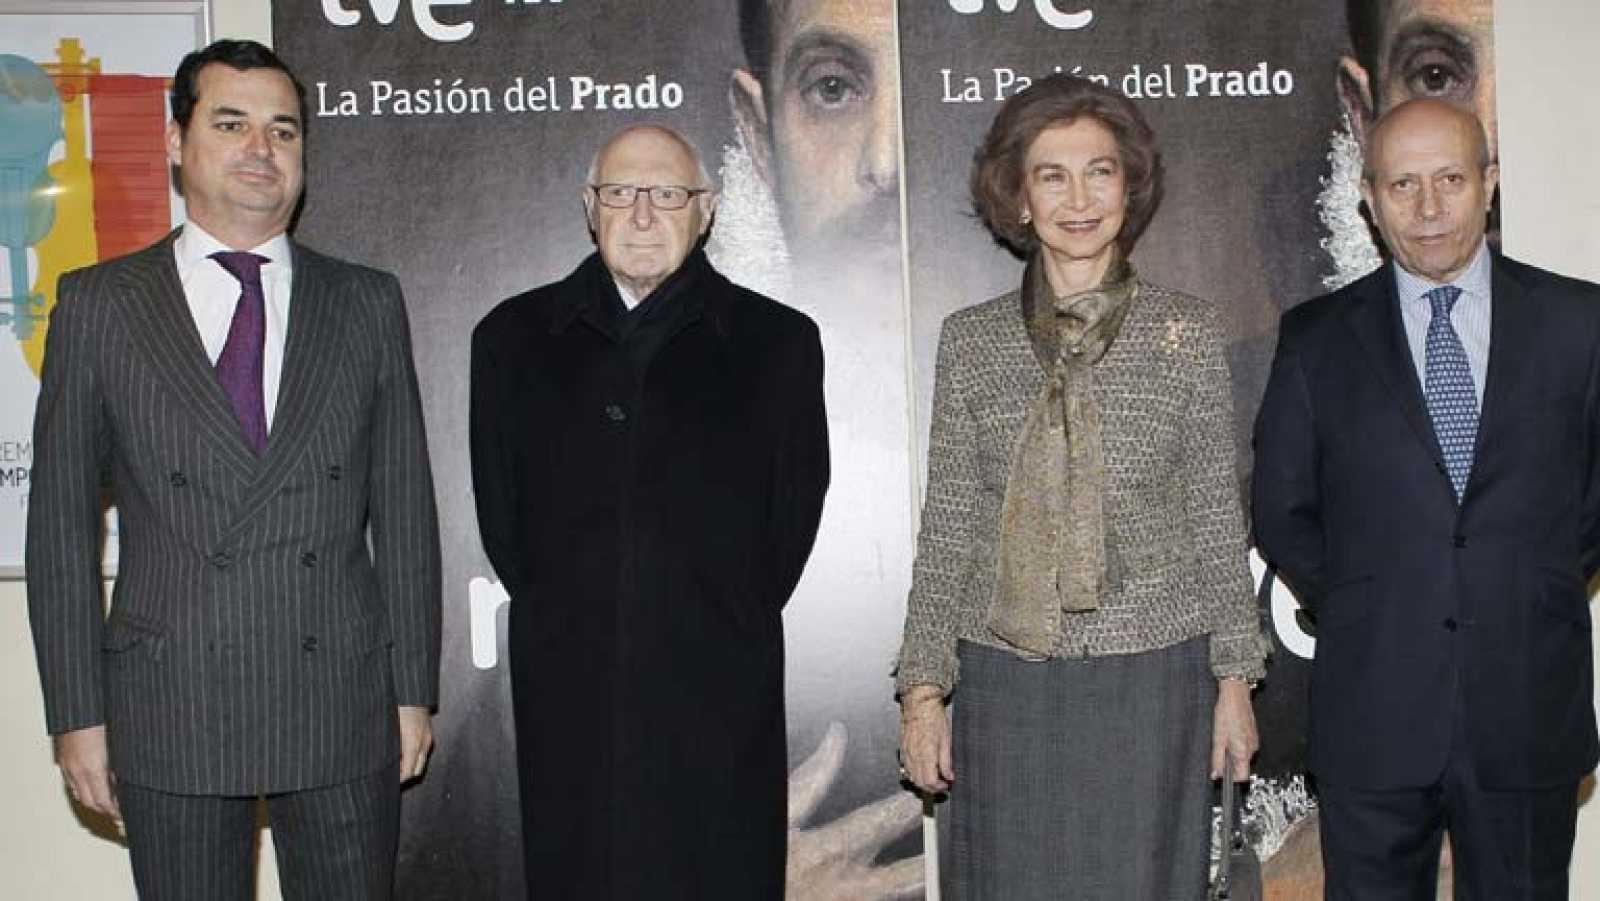 La Reina preside la presentación del documental, realizado por TVE en 4K